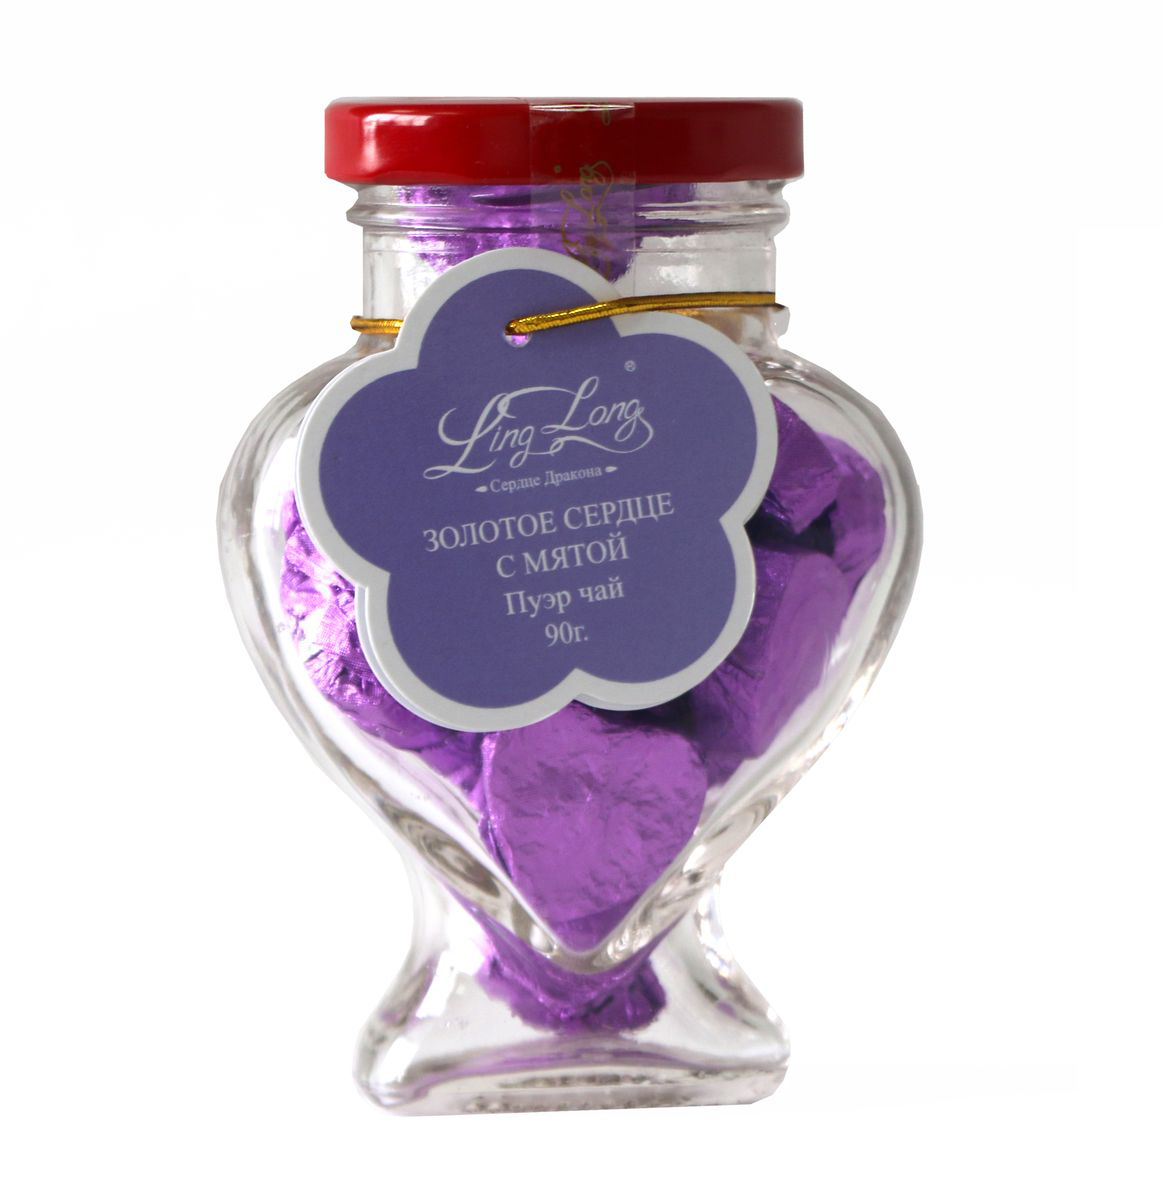 Ling Long Золотое сердце с мятой черный листовой чай пуэр, 90 г (стеклянная банка)